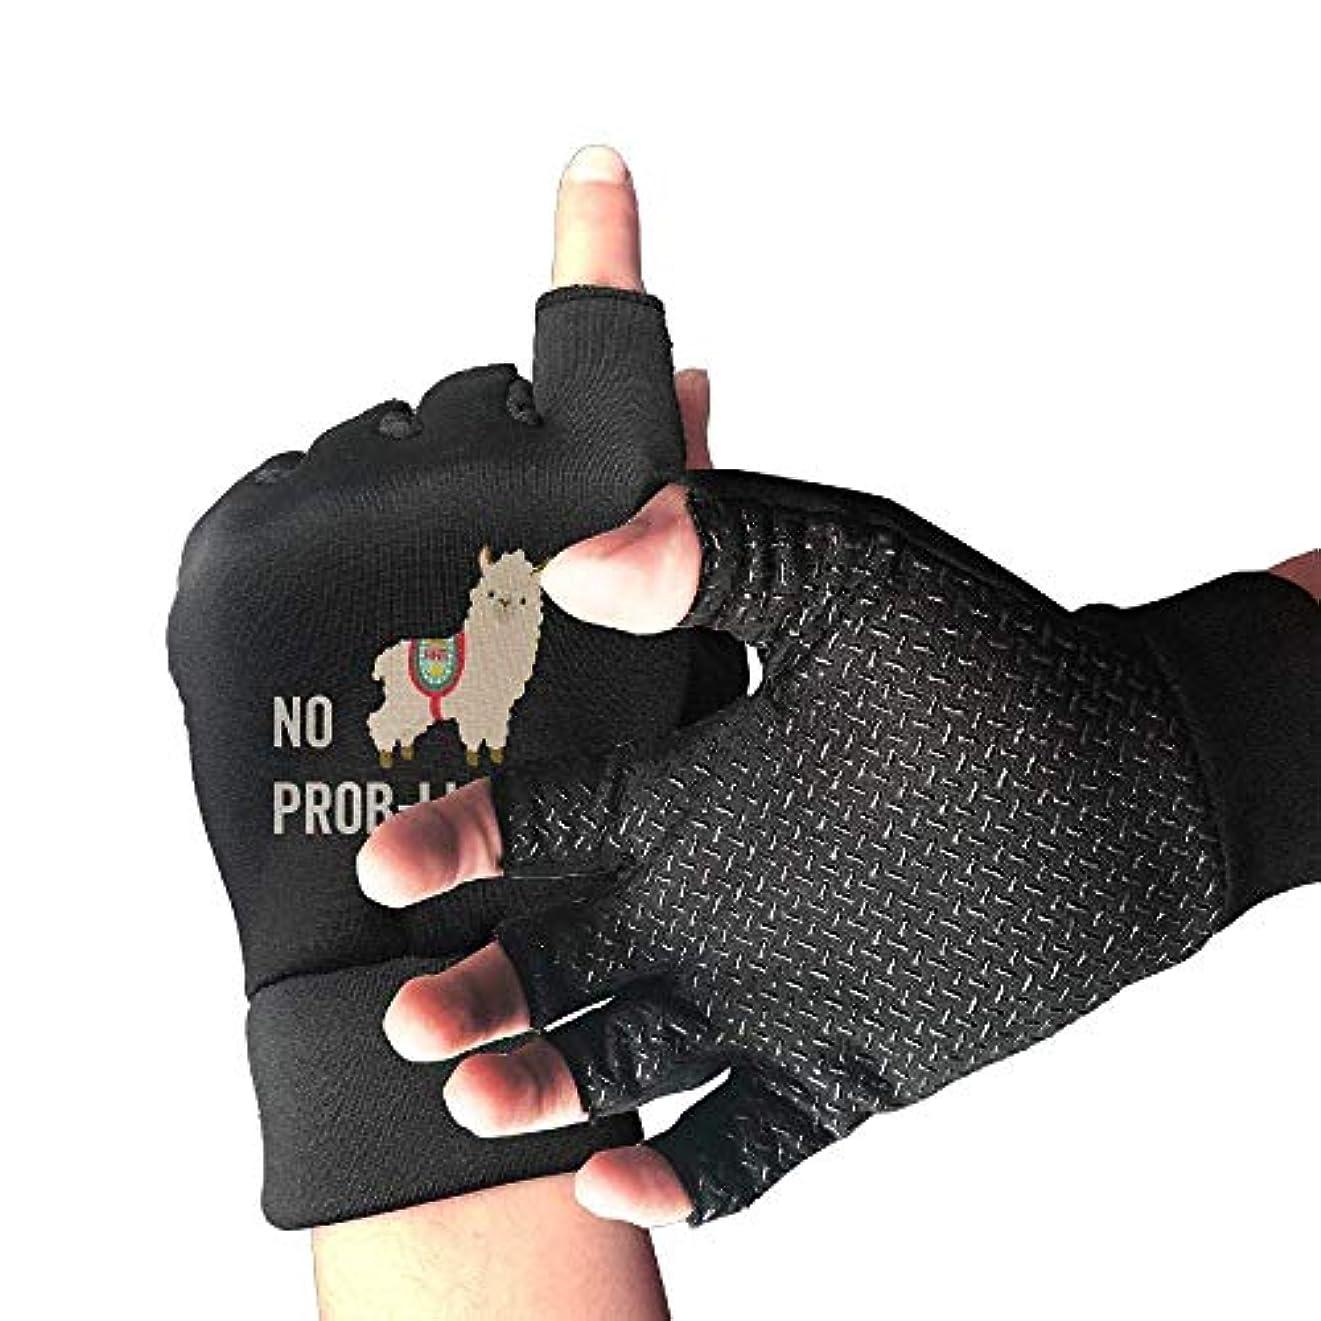 酸チーター司教Cycling Gloves No Prob Llama Baby Men's/Women's Mountain Bike Gloves Half Finger Anti-Slip Motorcycle Gloves